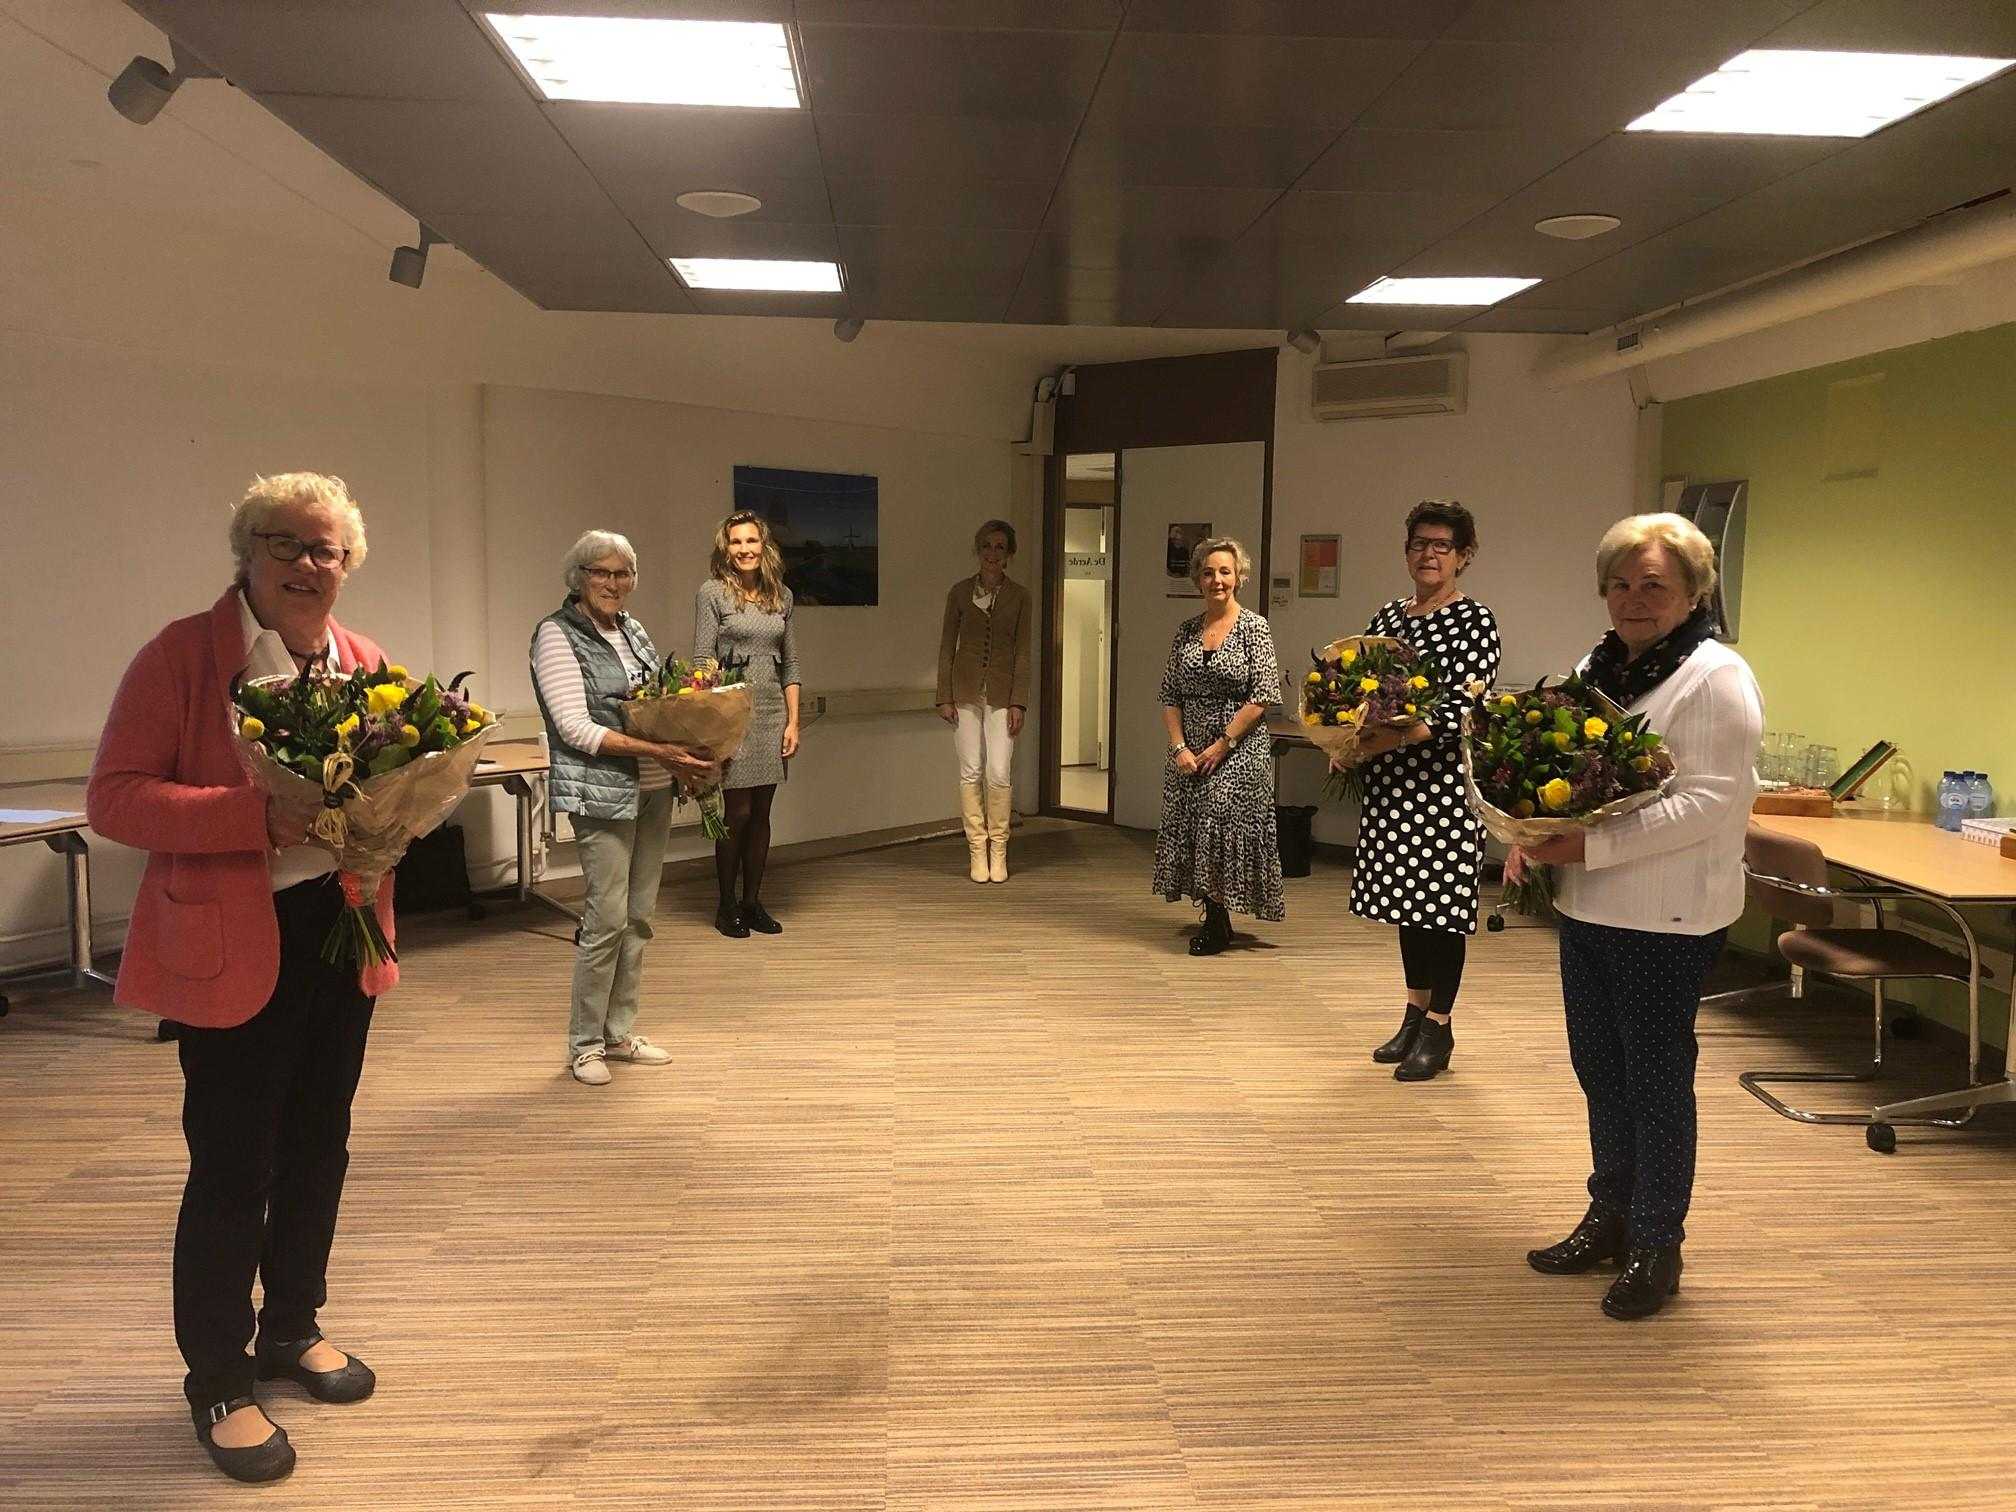 Corona houdt jubilerende West-Friese zorgvrijwilligers niet tegen: 'Ze missen het werk en de mensen enorm'